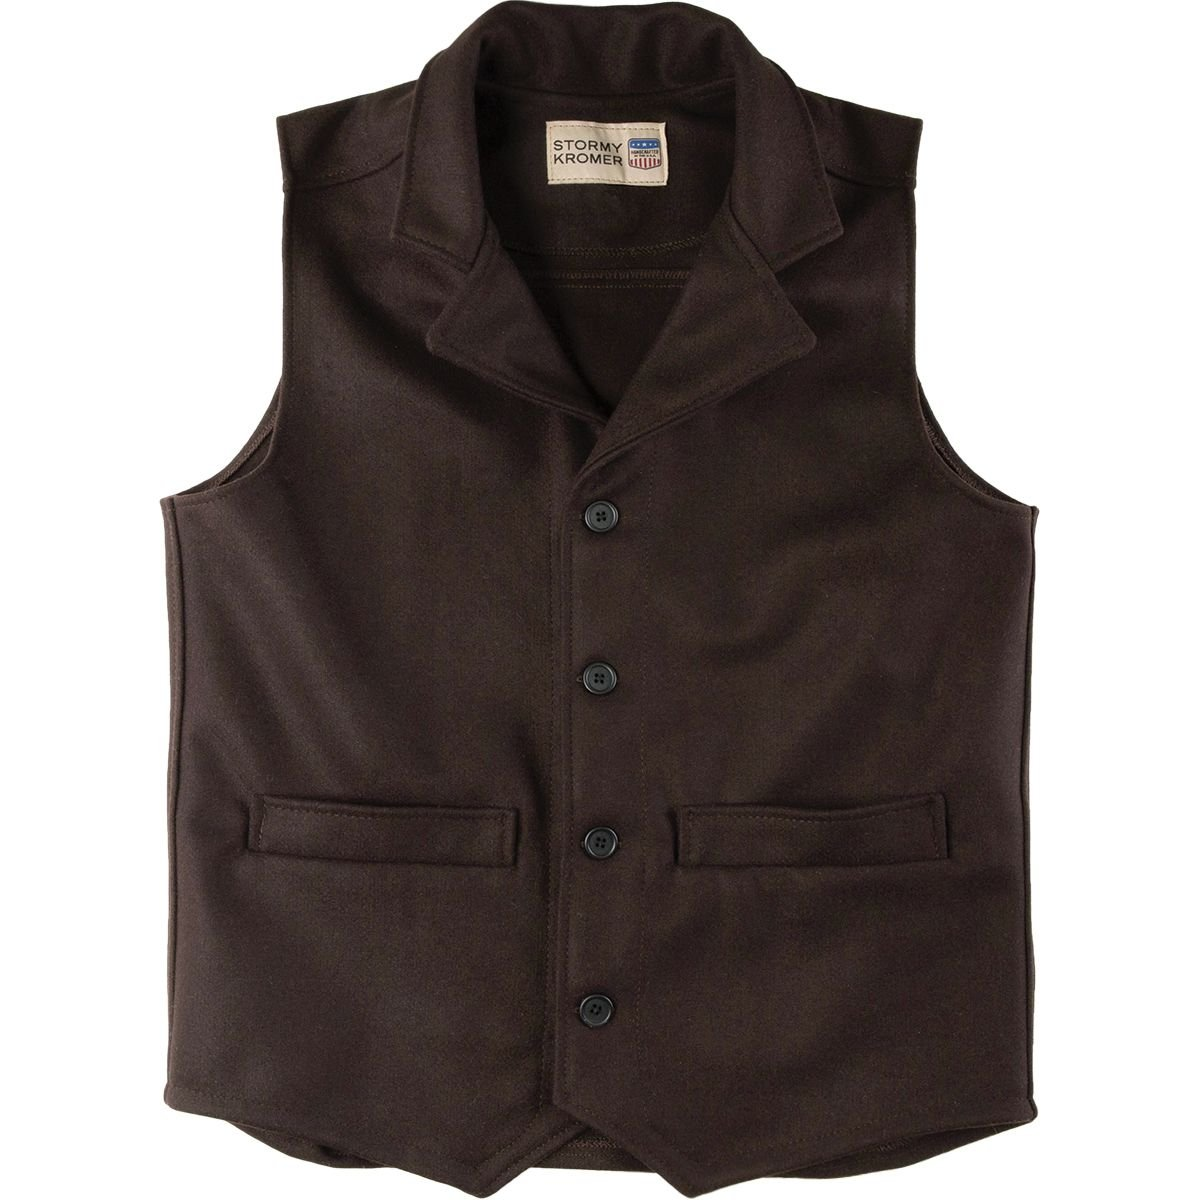 Stormy Kromer Western Vest, Color: Brown, Size: Md (52020-000050-260-800)